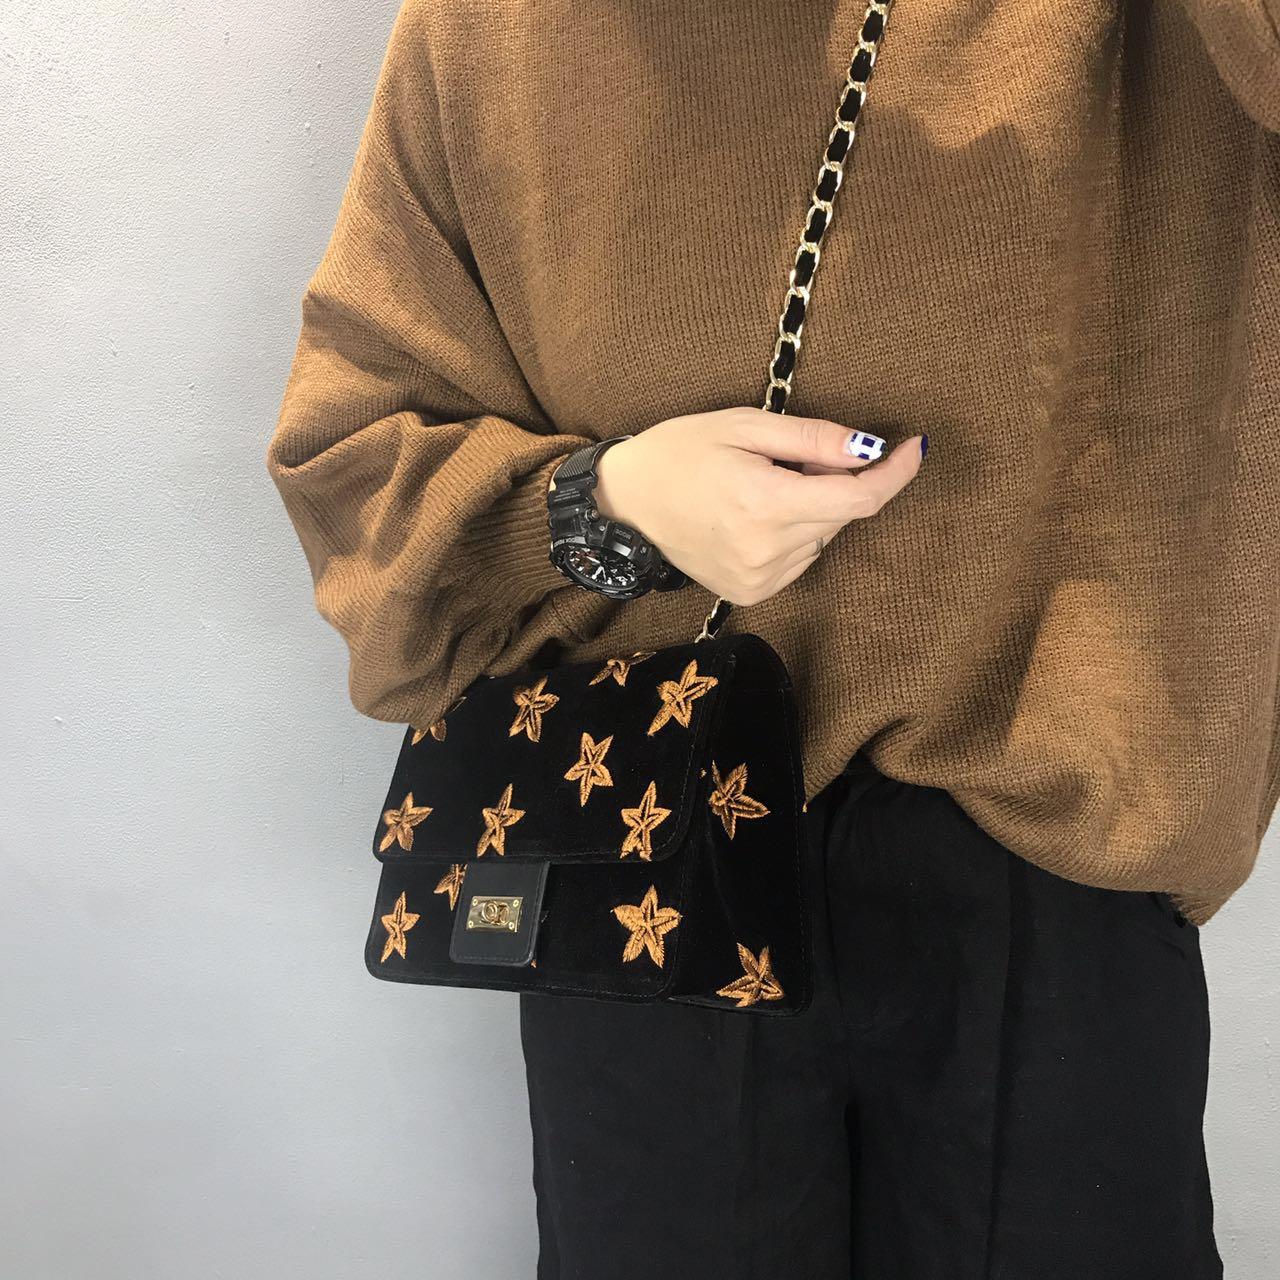 包包女2017新款韩版时尚锁扣小方包简约个性刺绣单肩斜跨链条包潮